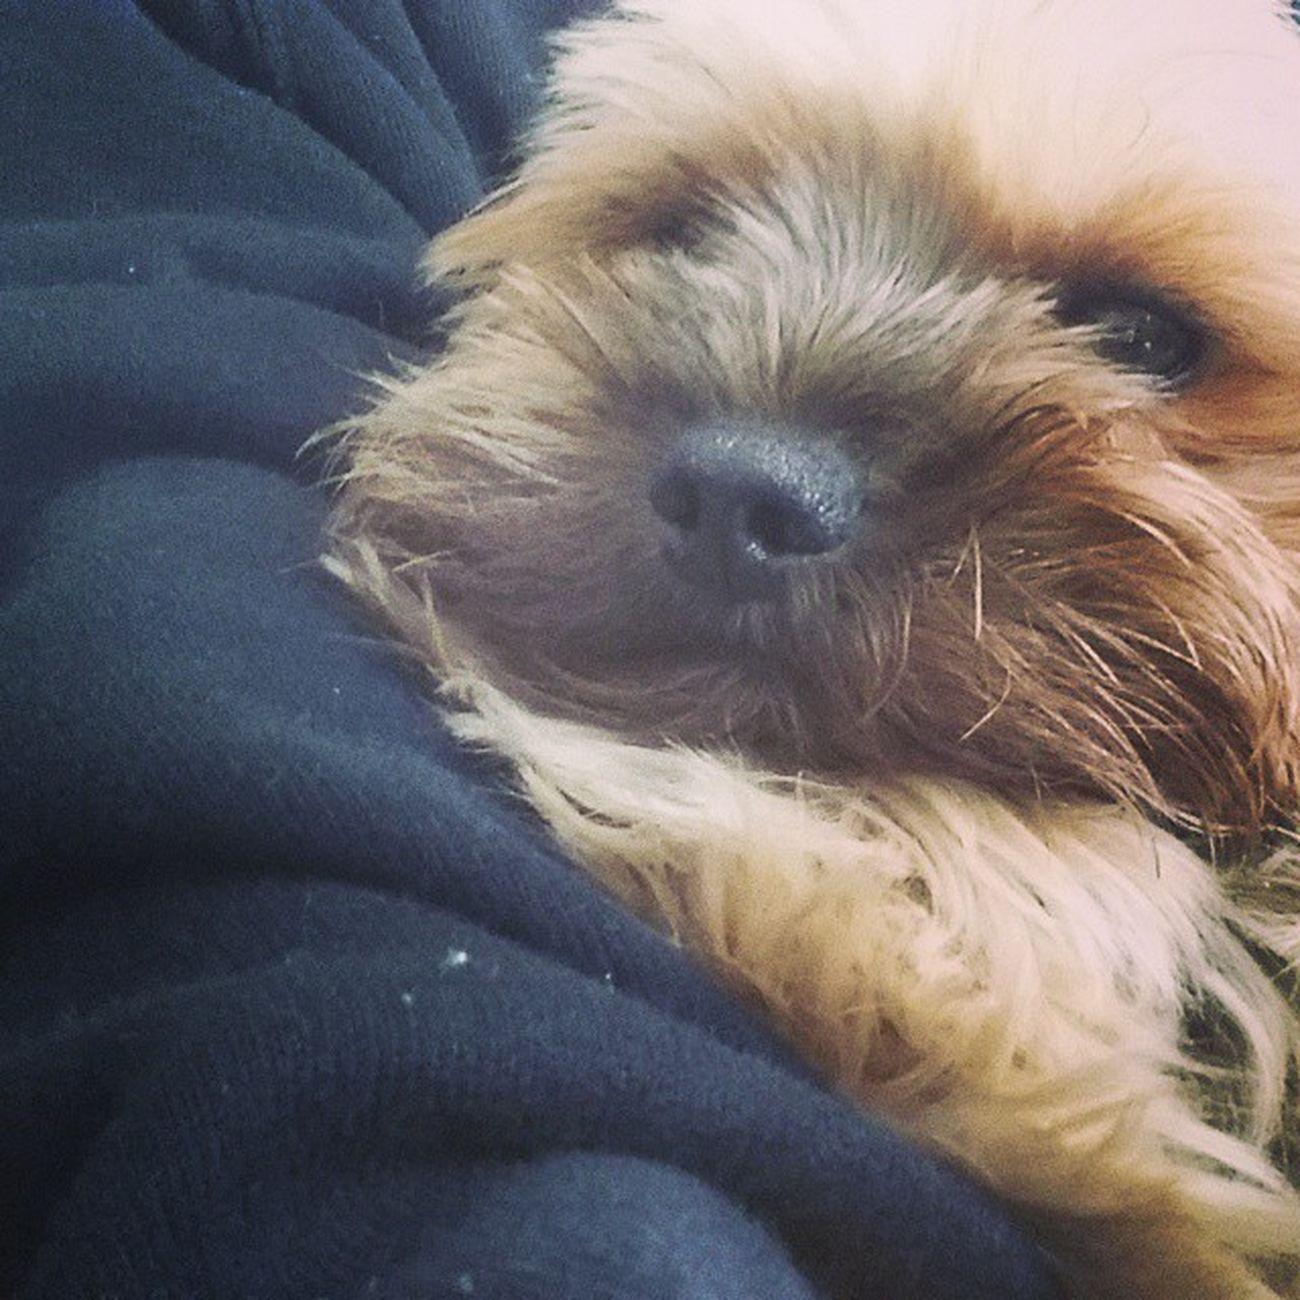 Kuscheln  ist die beste Medizin wenns dem kleinen mal nicht gut geht Hundemama Yorkie Dogsofinstagram